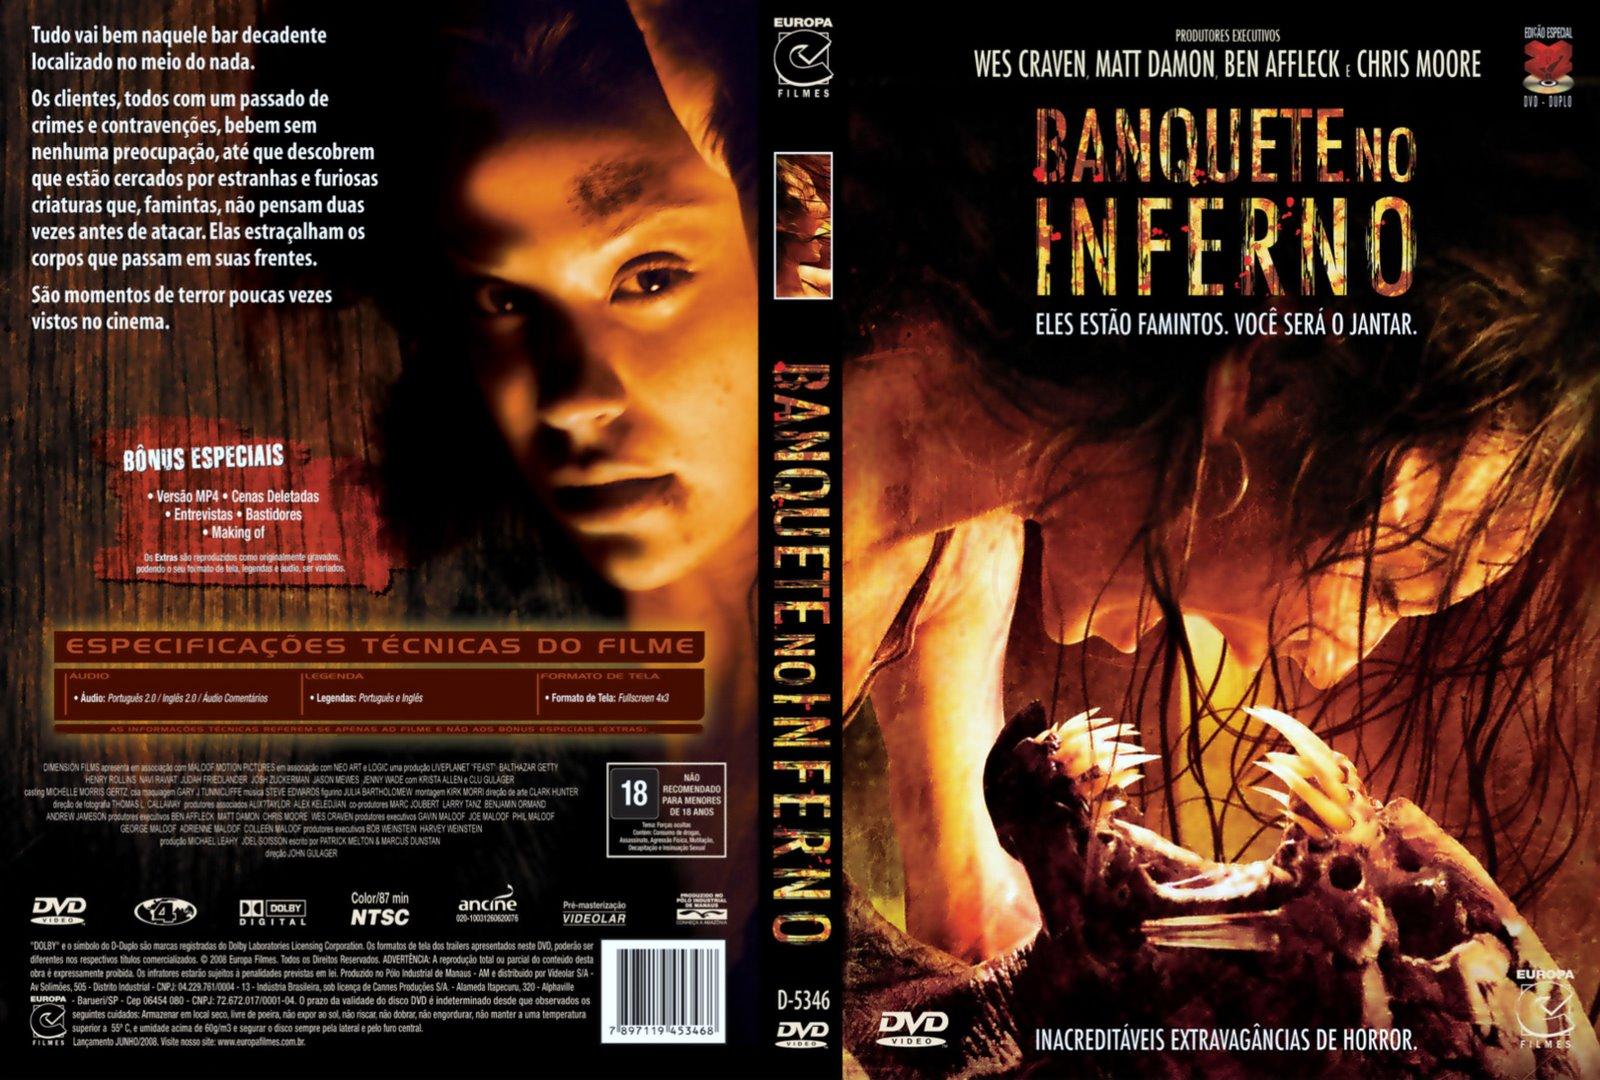 filme banquete no inferno 3 dublado